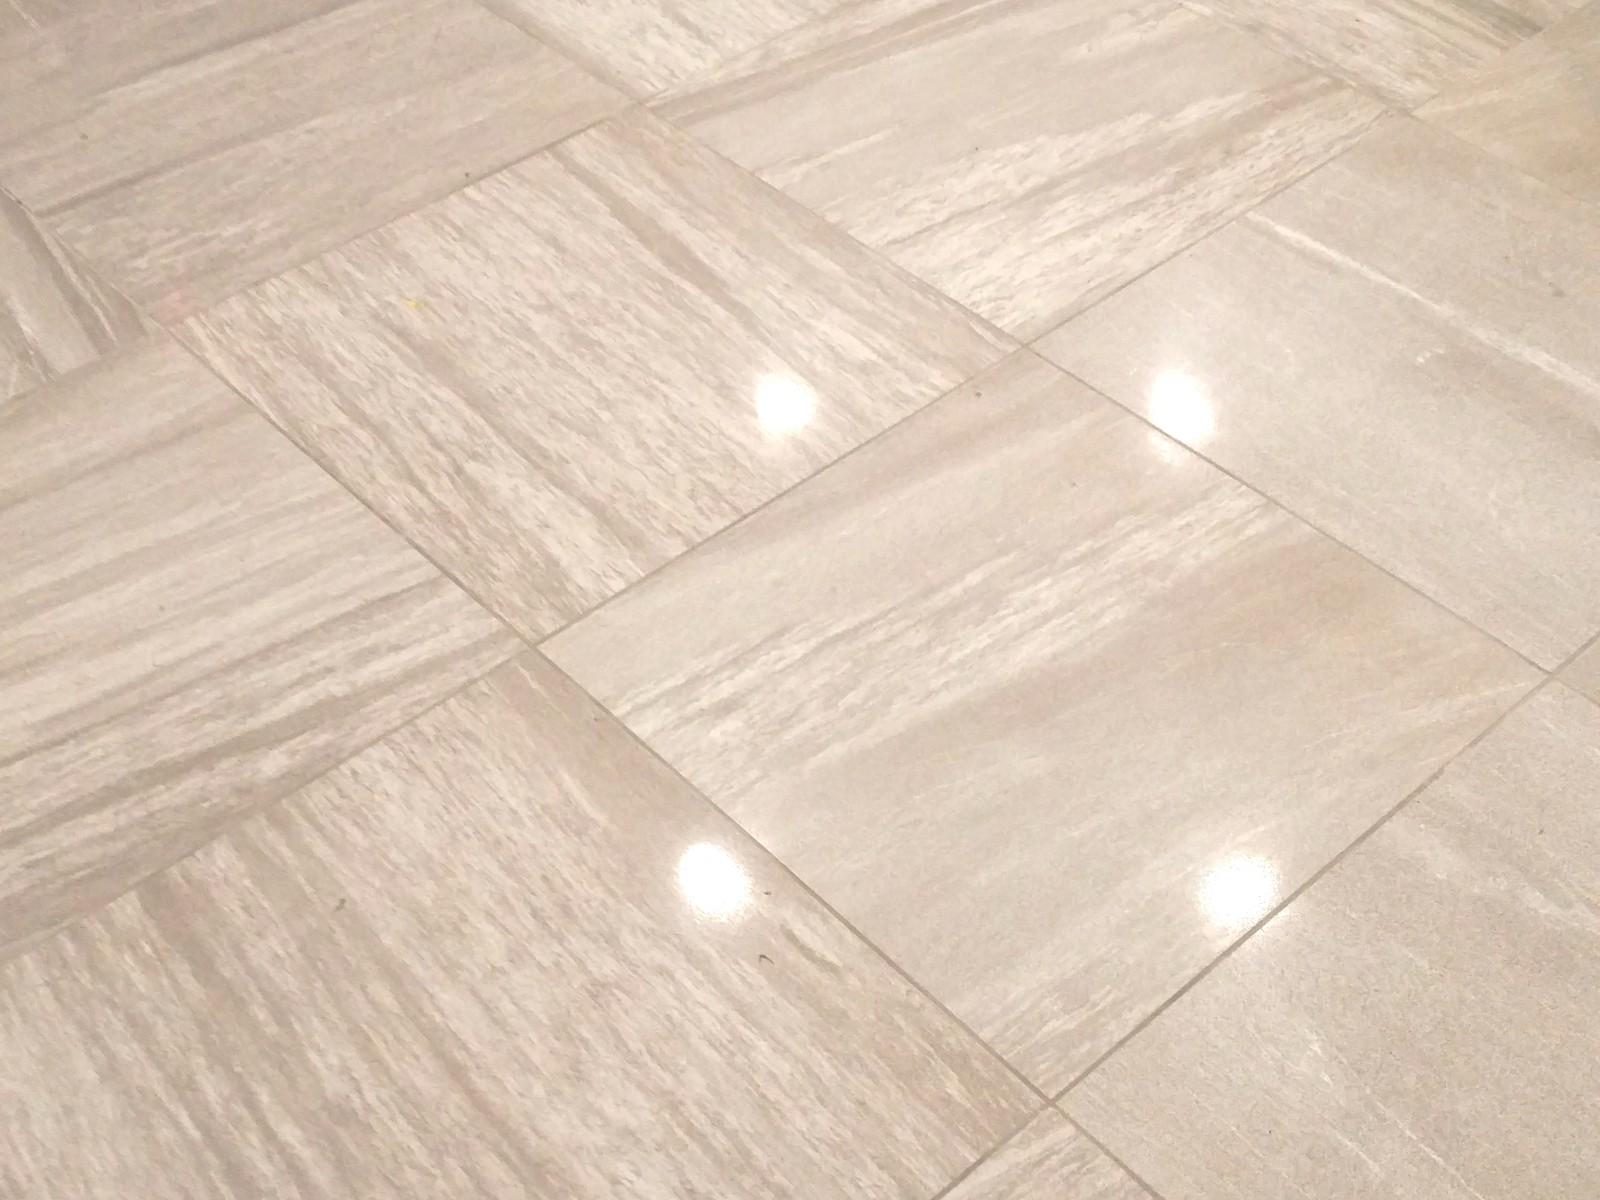 Hilton Garden Inn Springfield floor | Flooring Installation System